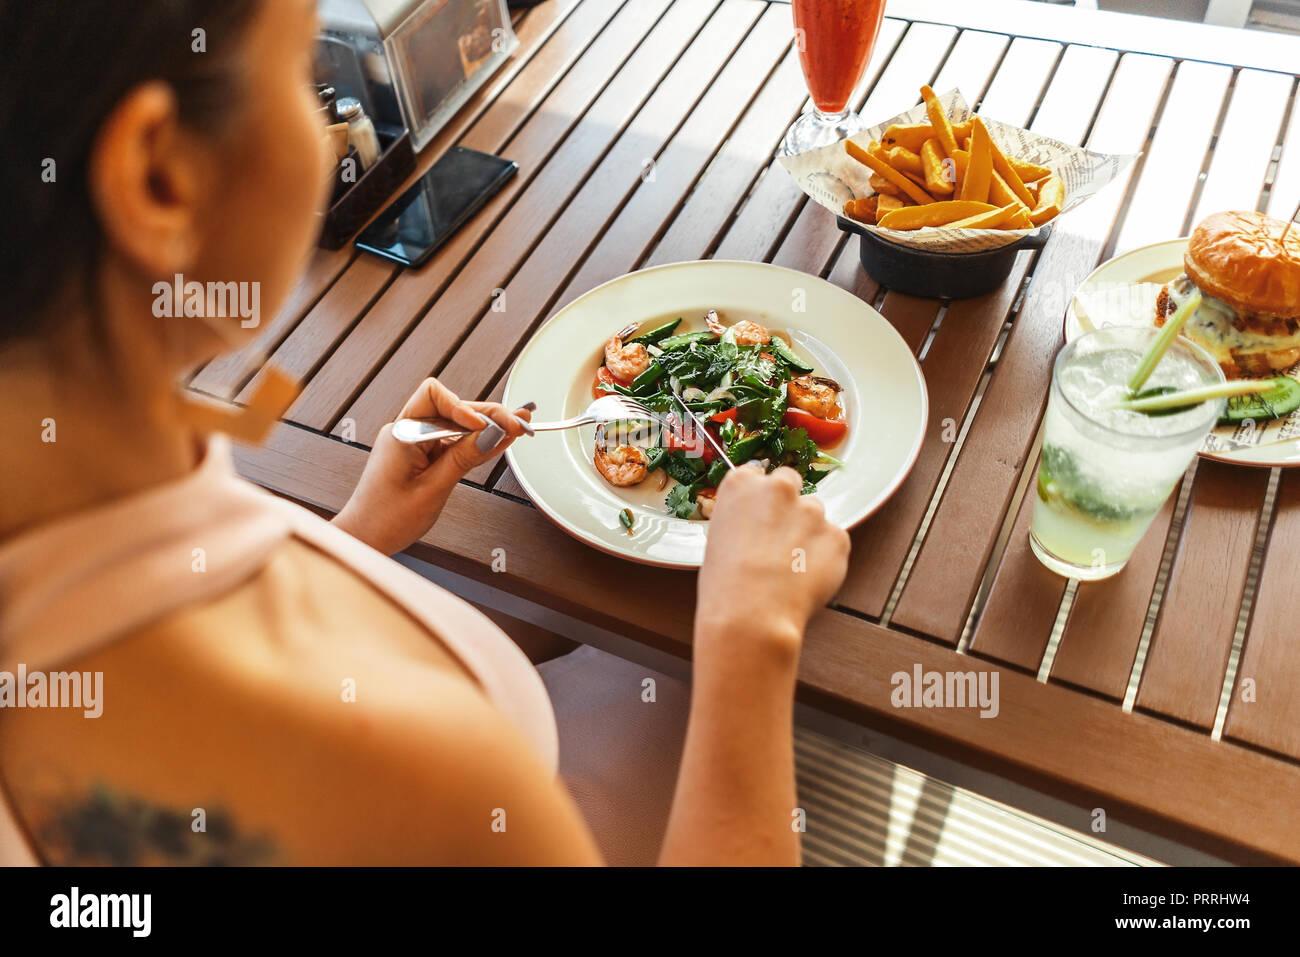 Der junge attraktive Frau essen Salat an Street Cafe. Stockbild